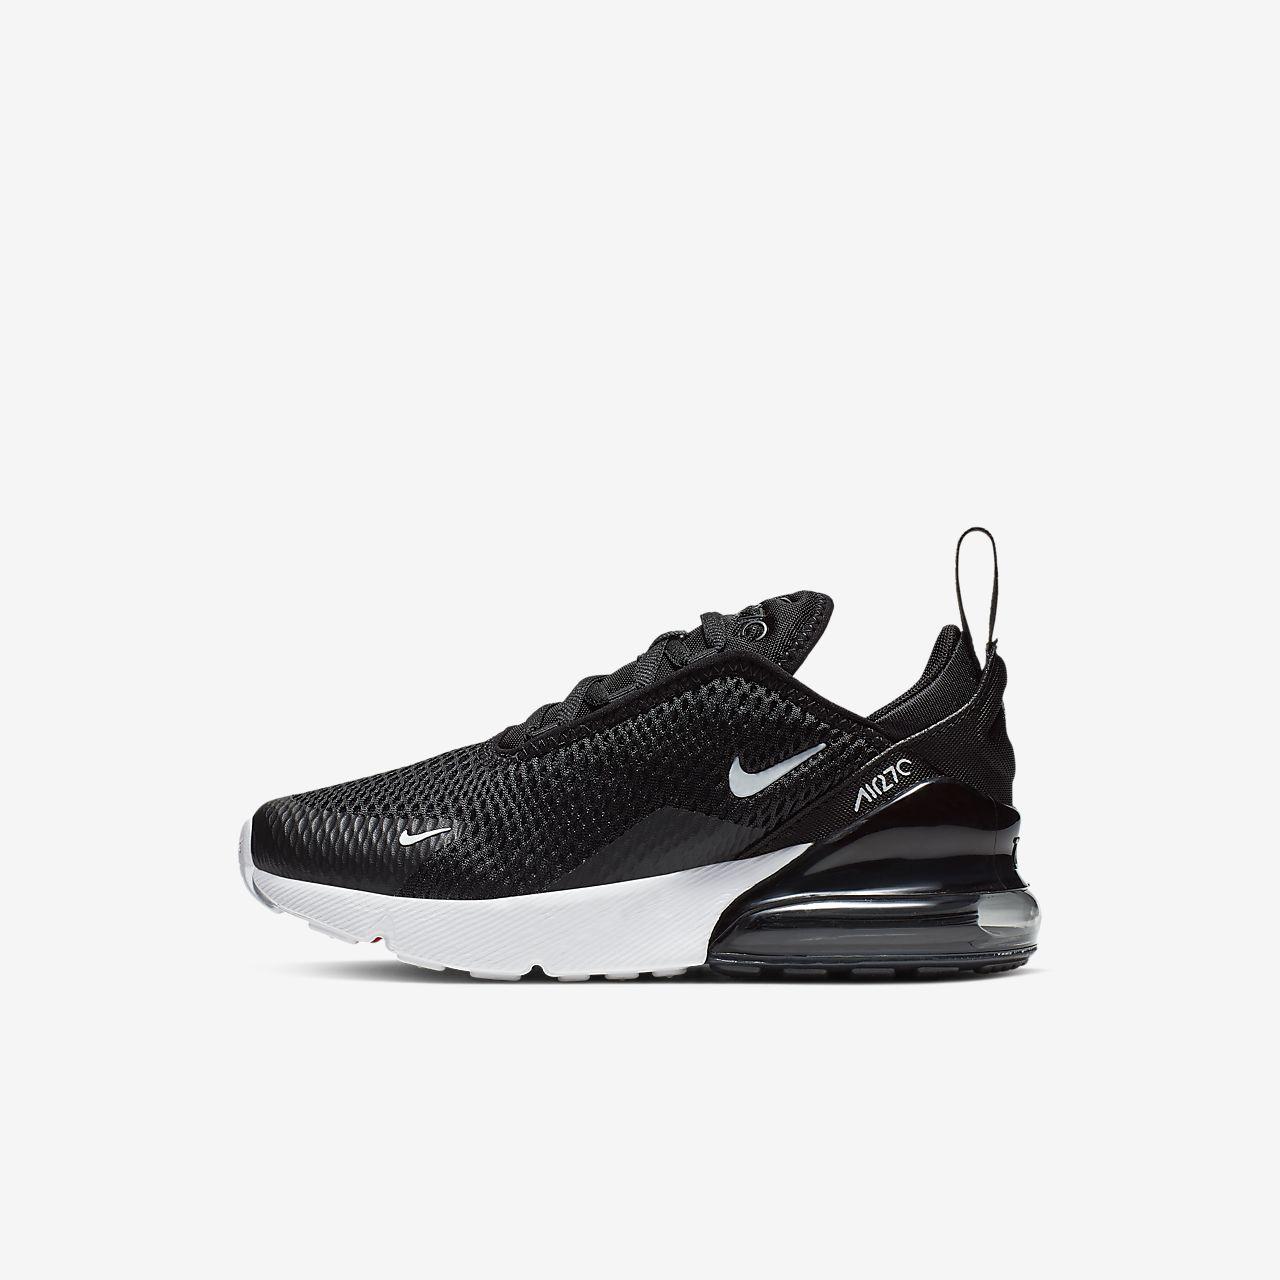 cheaper 6f85b 37d73 Nike Air Max 270